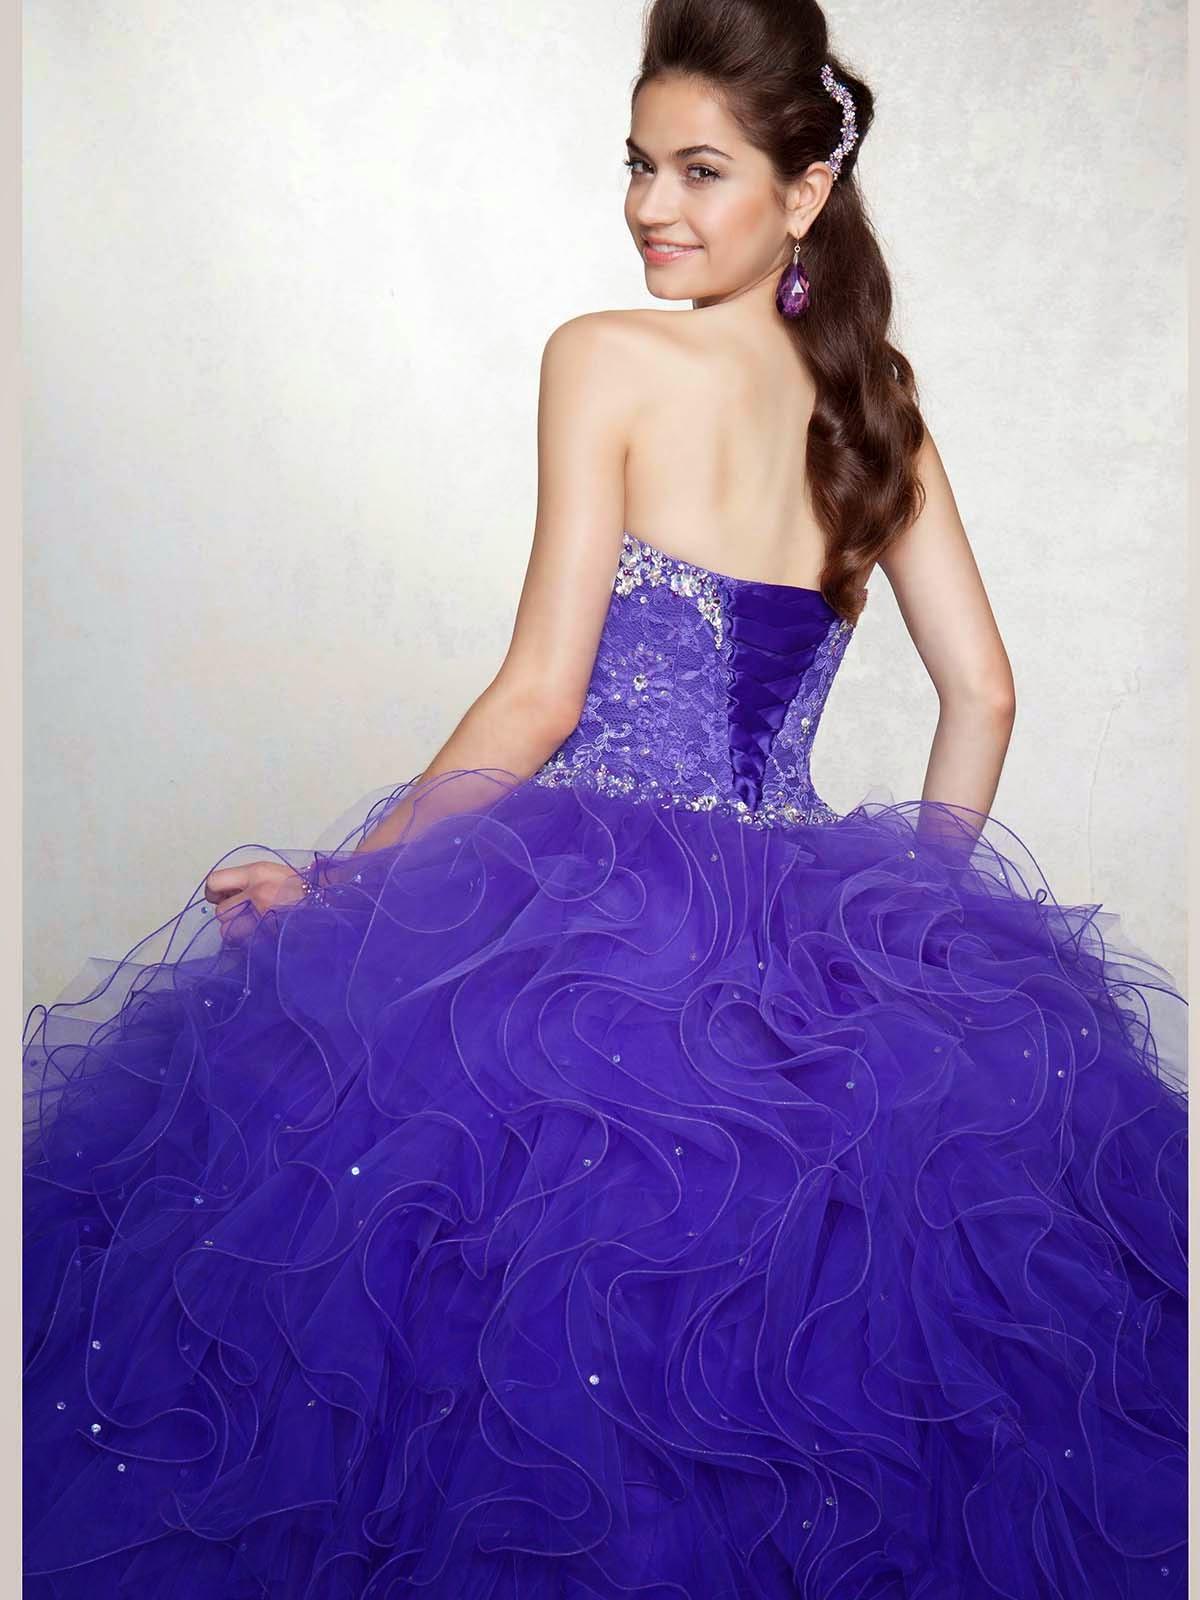 Bonito 15 Vestidos De Fiesta De Cumpleaños Composición - Colección ...